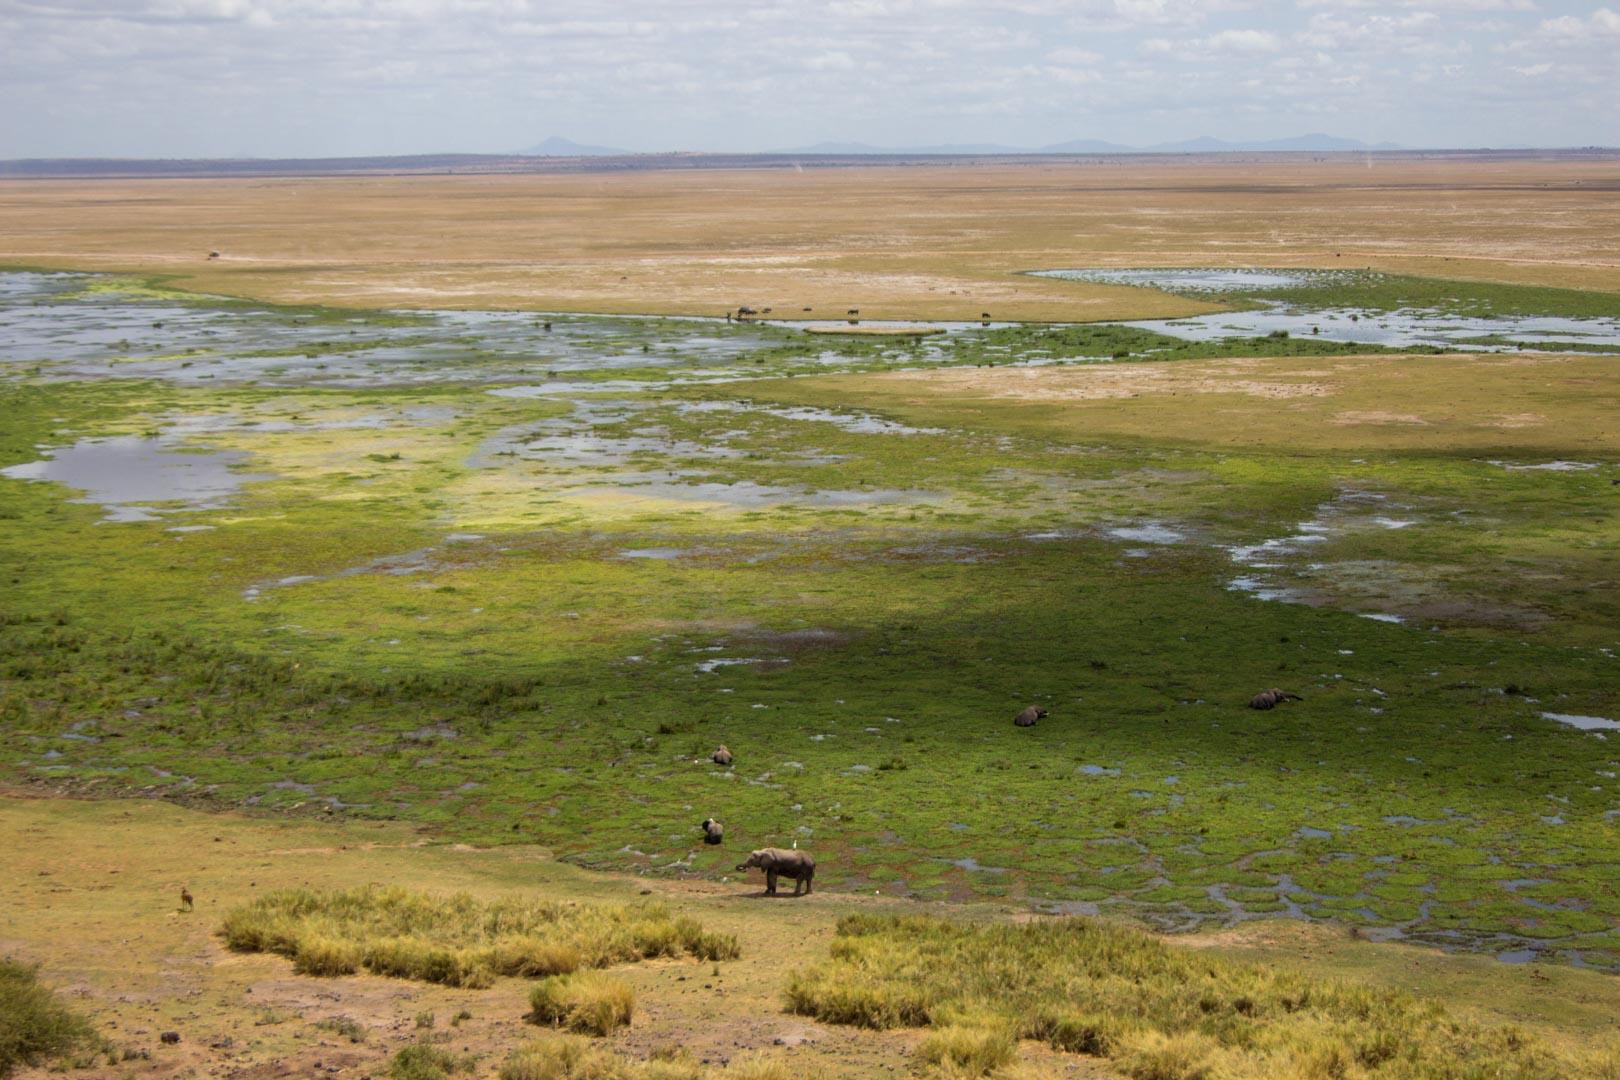 De safari por Amboseli en Kenia. El paraíso de los elefantes